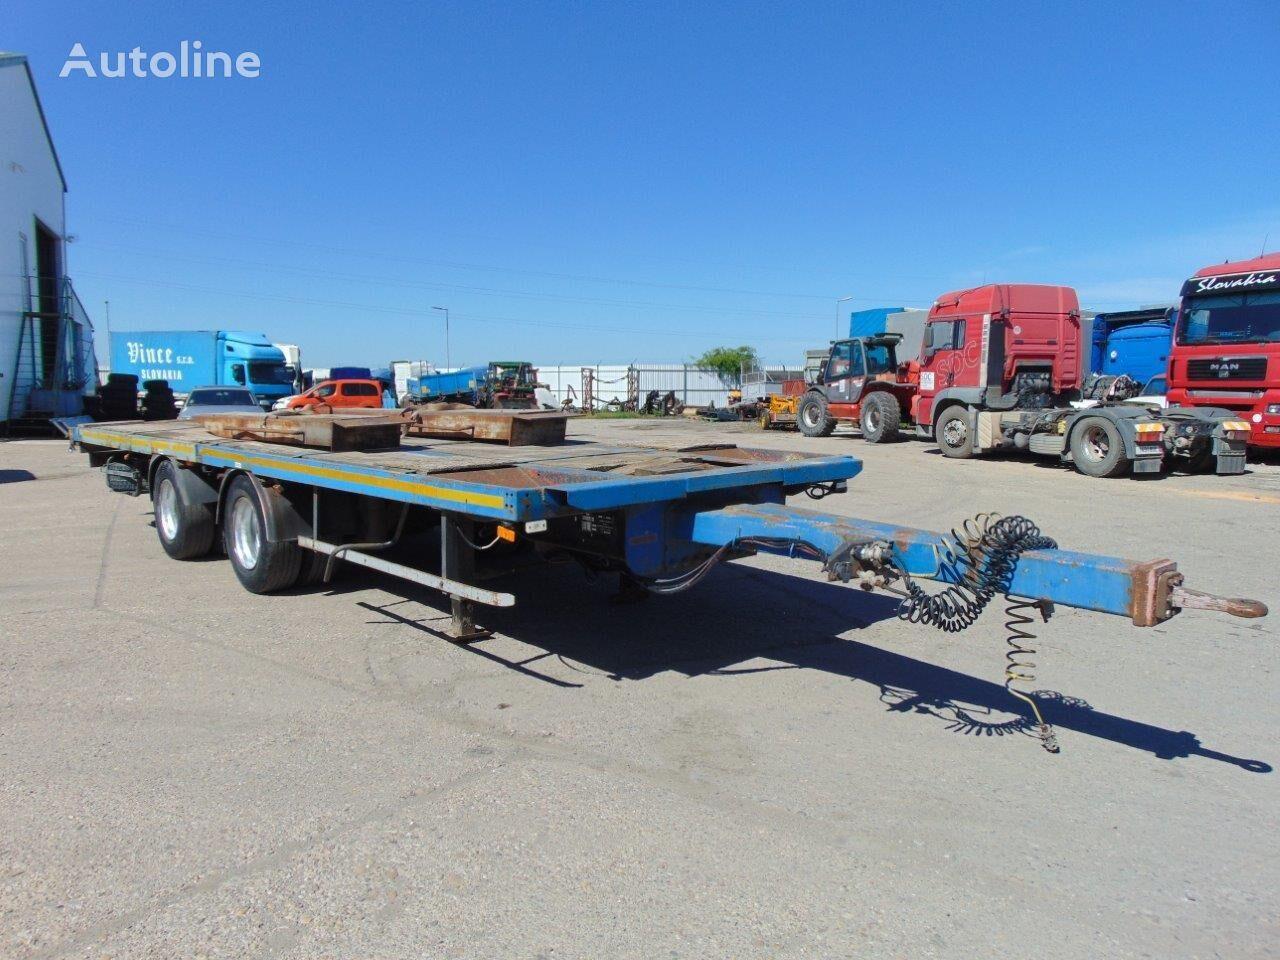 SAMRO príves na prepravu strojov VIN 577 equipment trailer